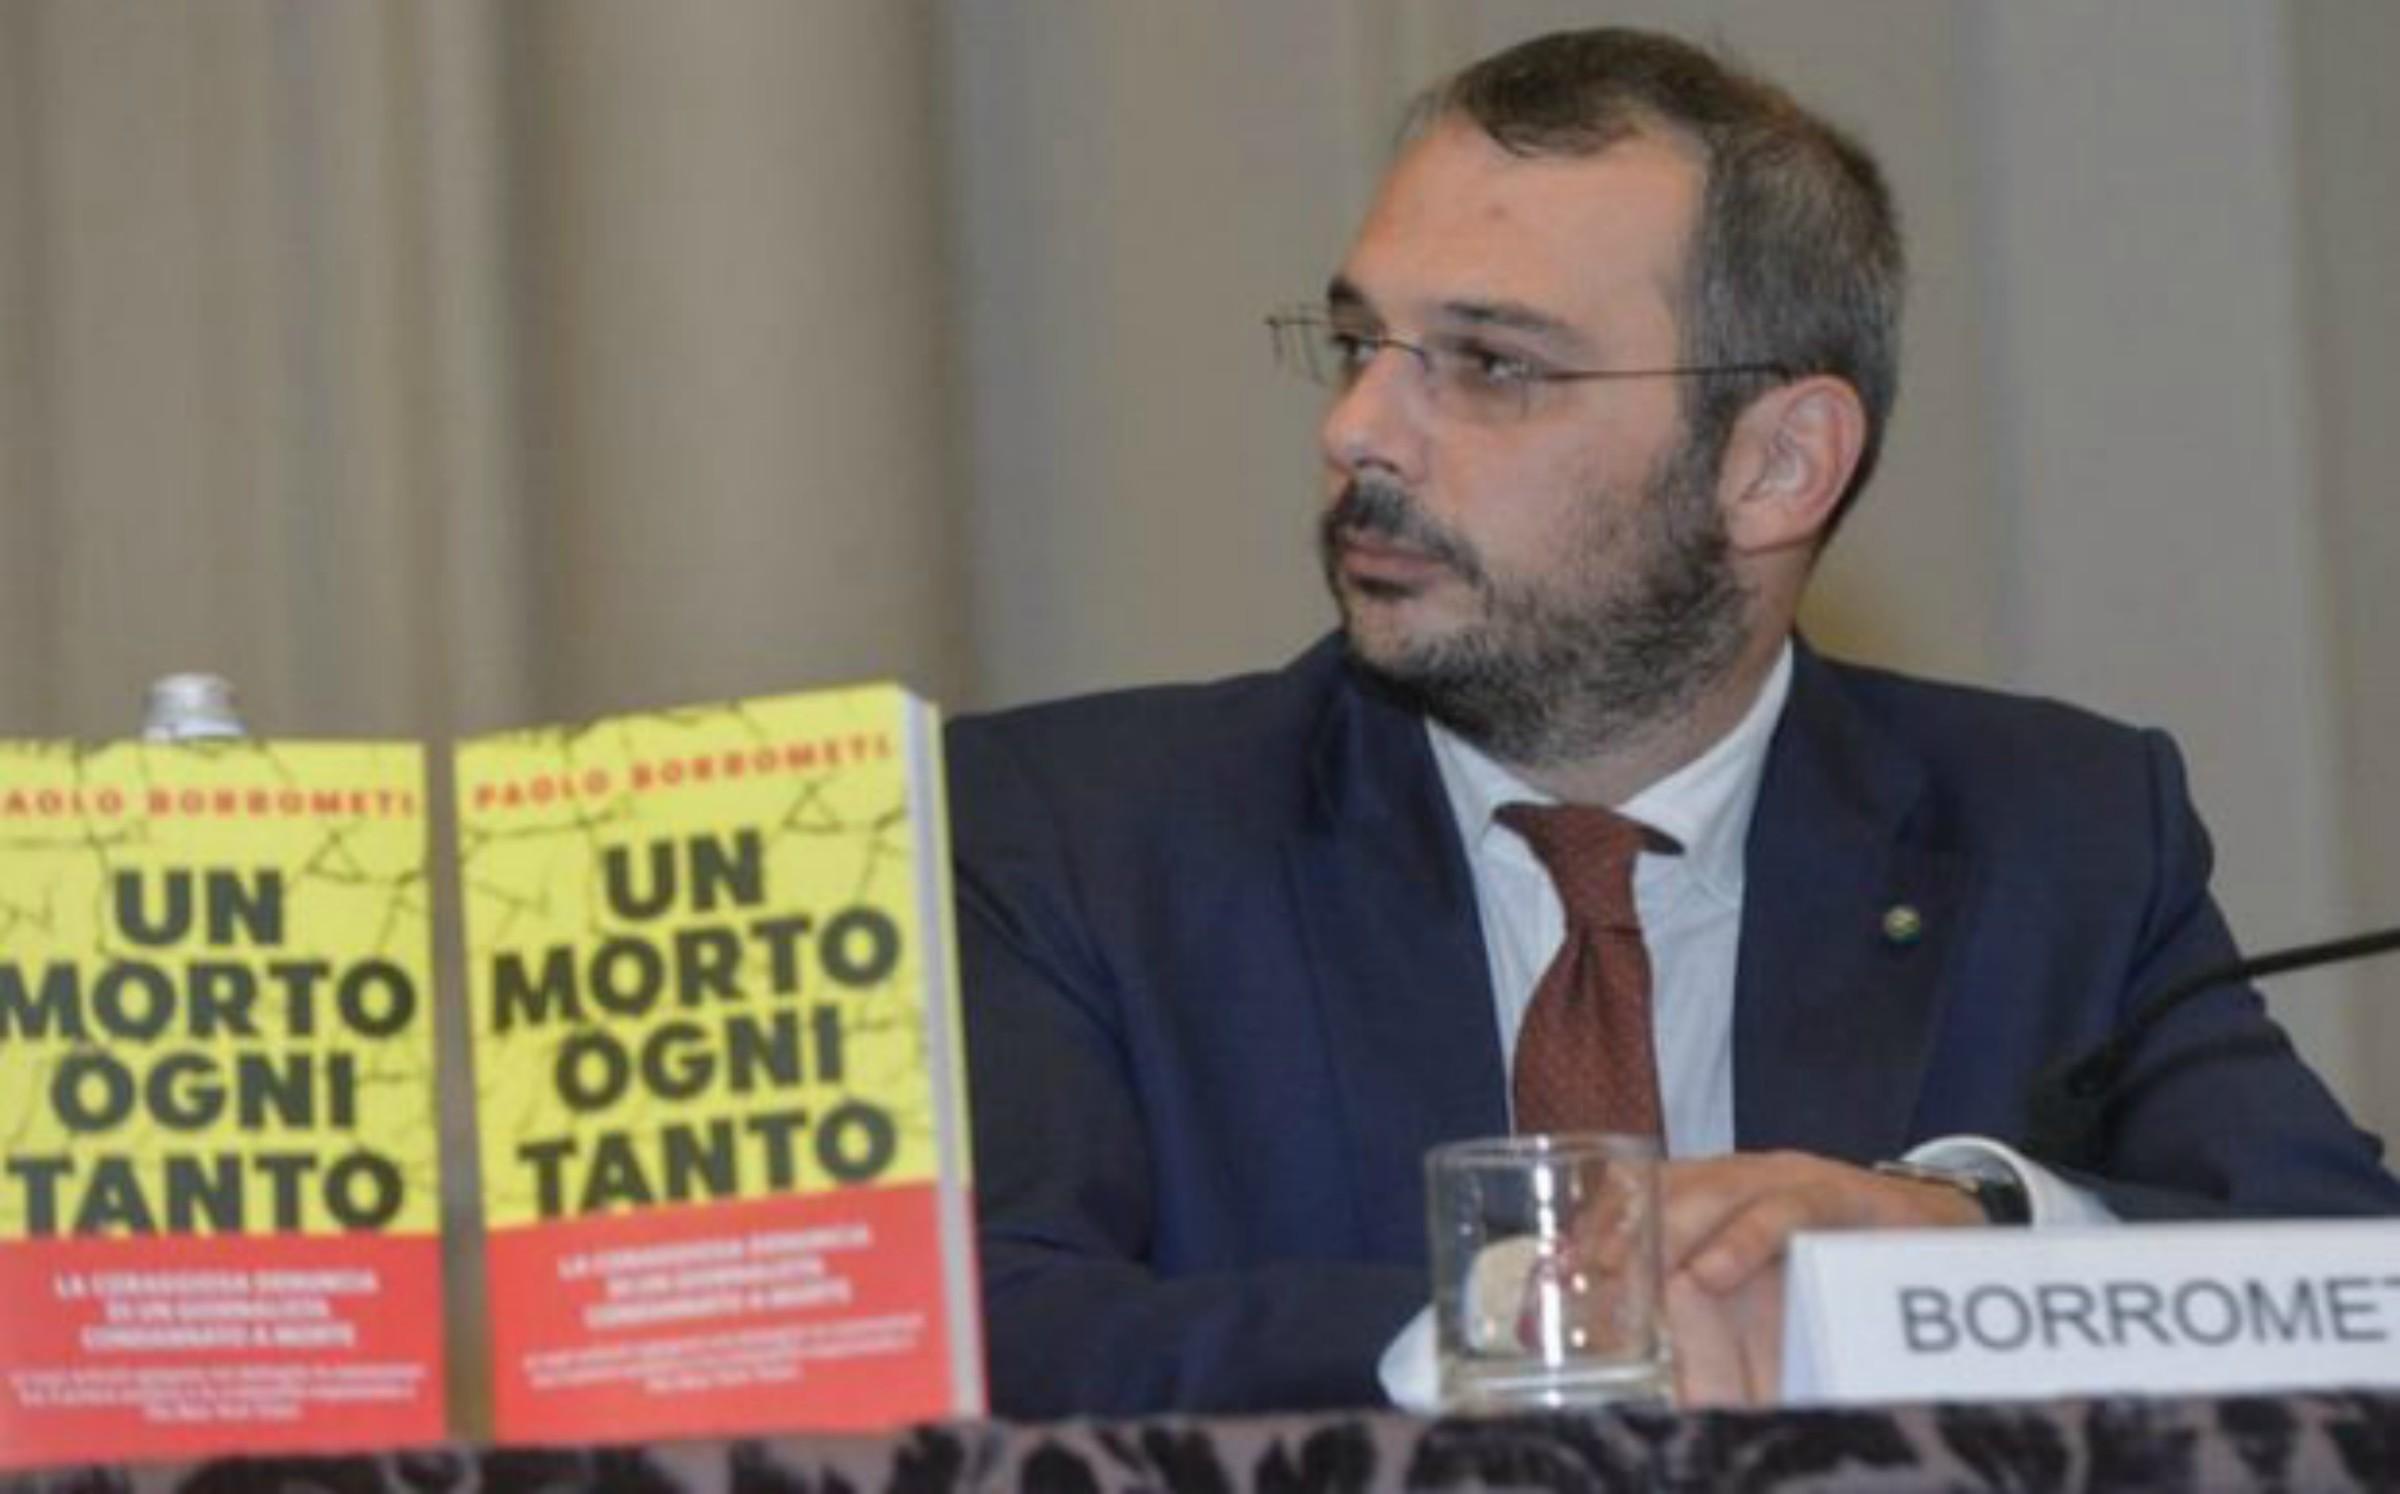 Nuova intimidazione al giornalista Paolo Borrometi. Il comunicato di Avviso Pubblico